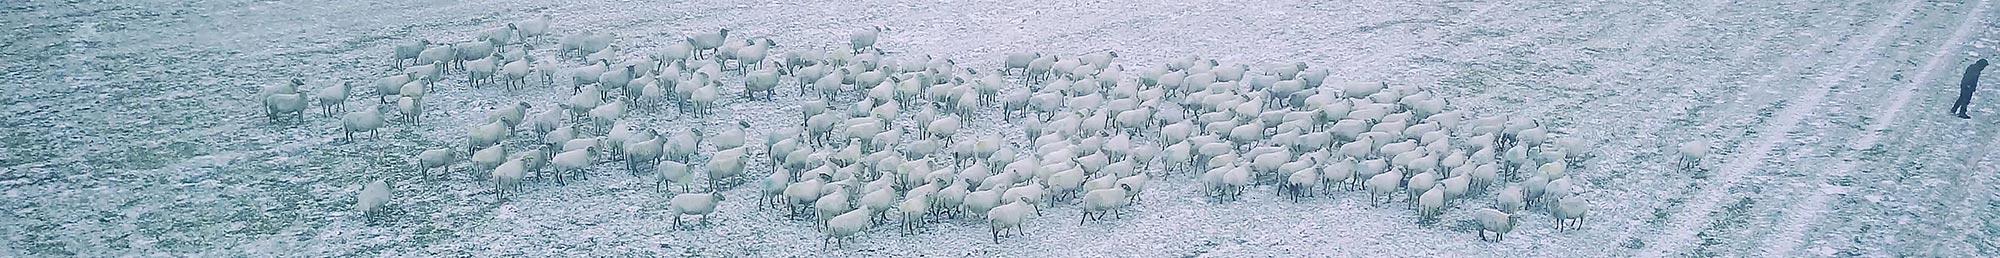 Ton van Zantvoort - SHEEP HERO documentary snow